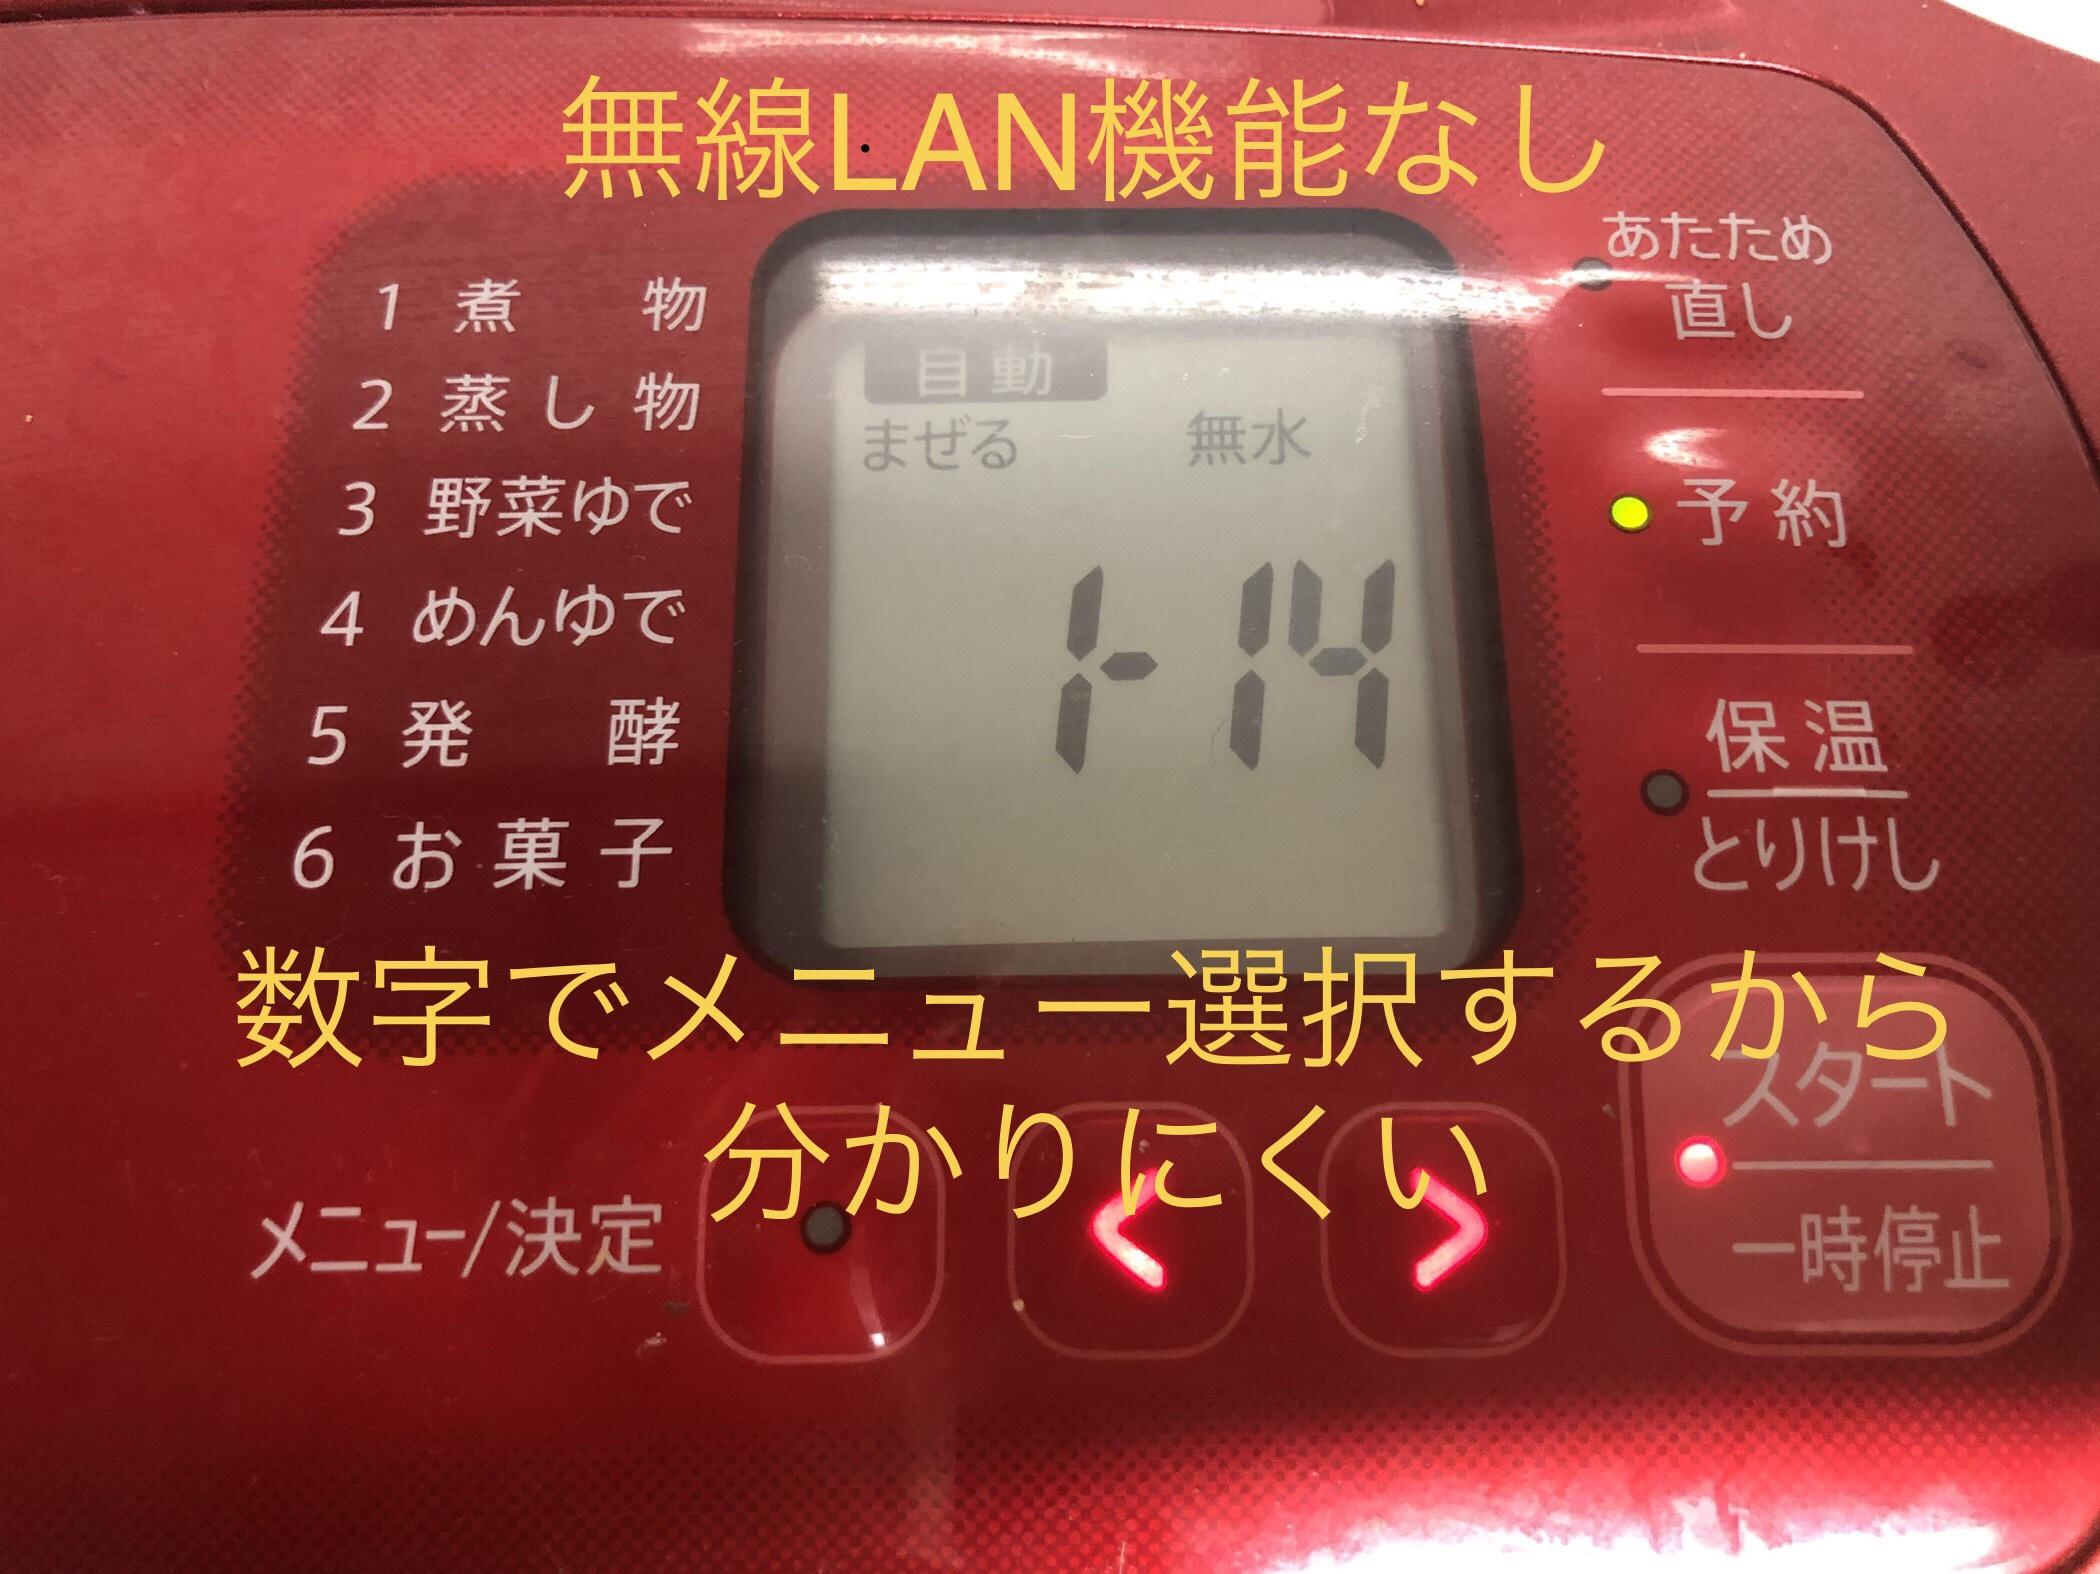 ホットクック無線LAN機能なし